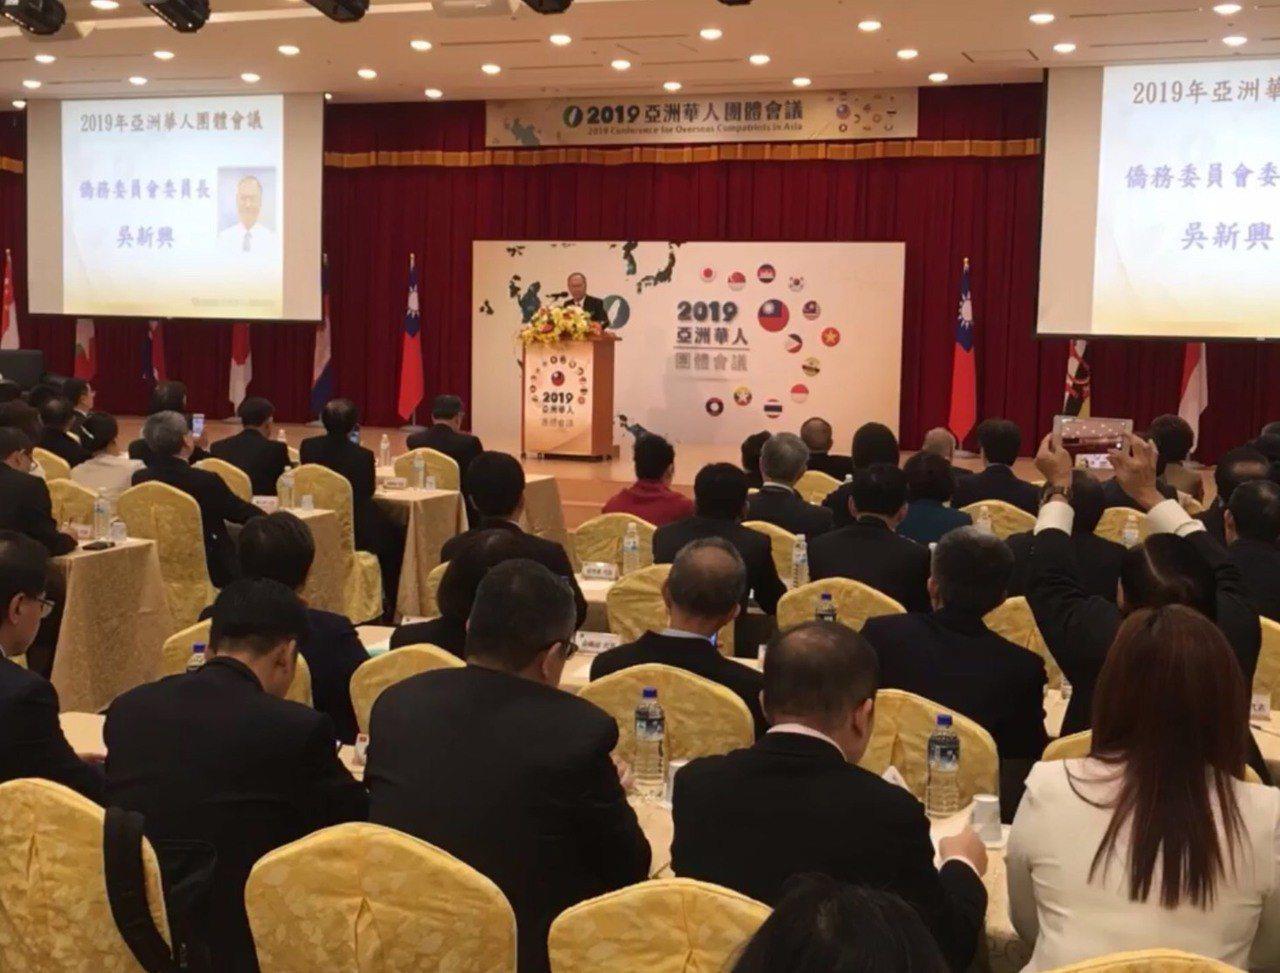 亞洲華人團體會議亞洲12國超過百位僑界代表來臺交流。圖/僑委會提供